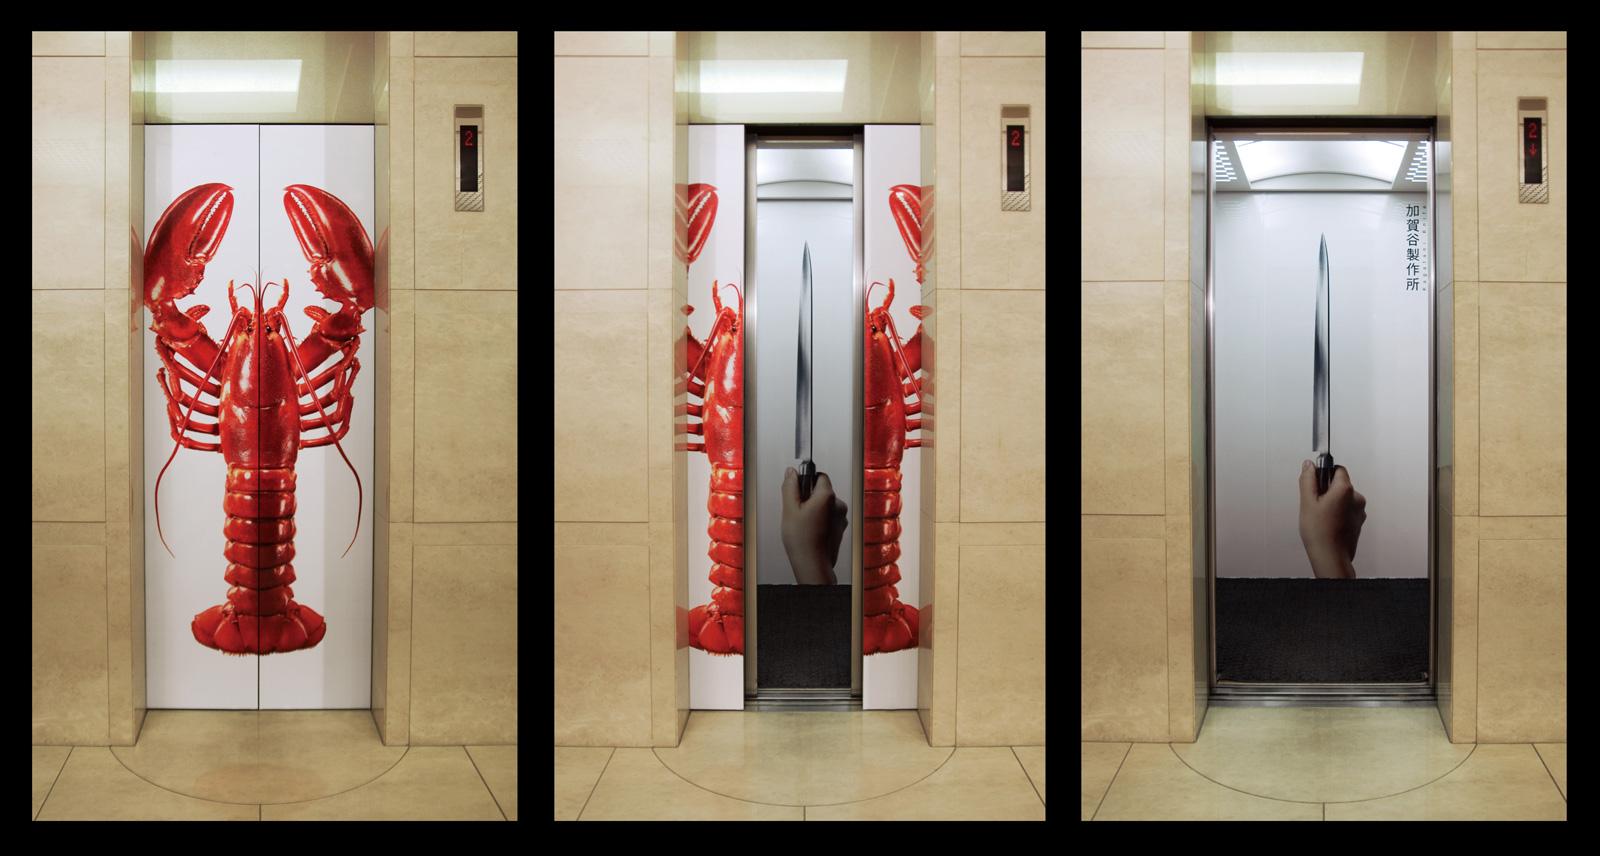 kagatani knife elevator1 18 Creative Elevator Advertisements